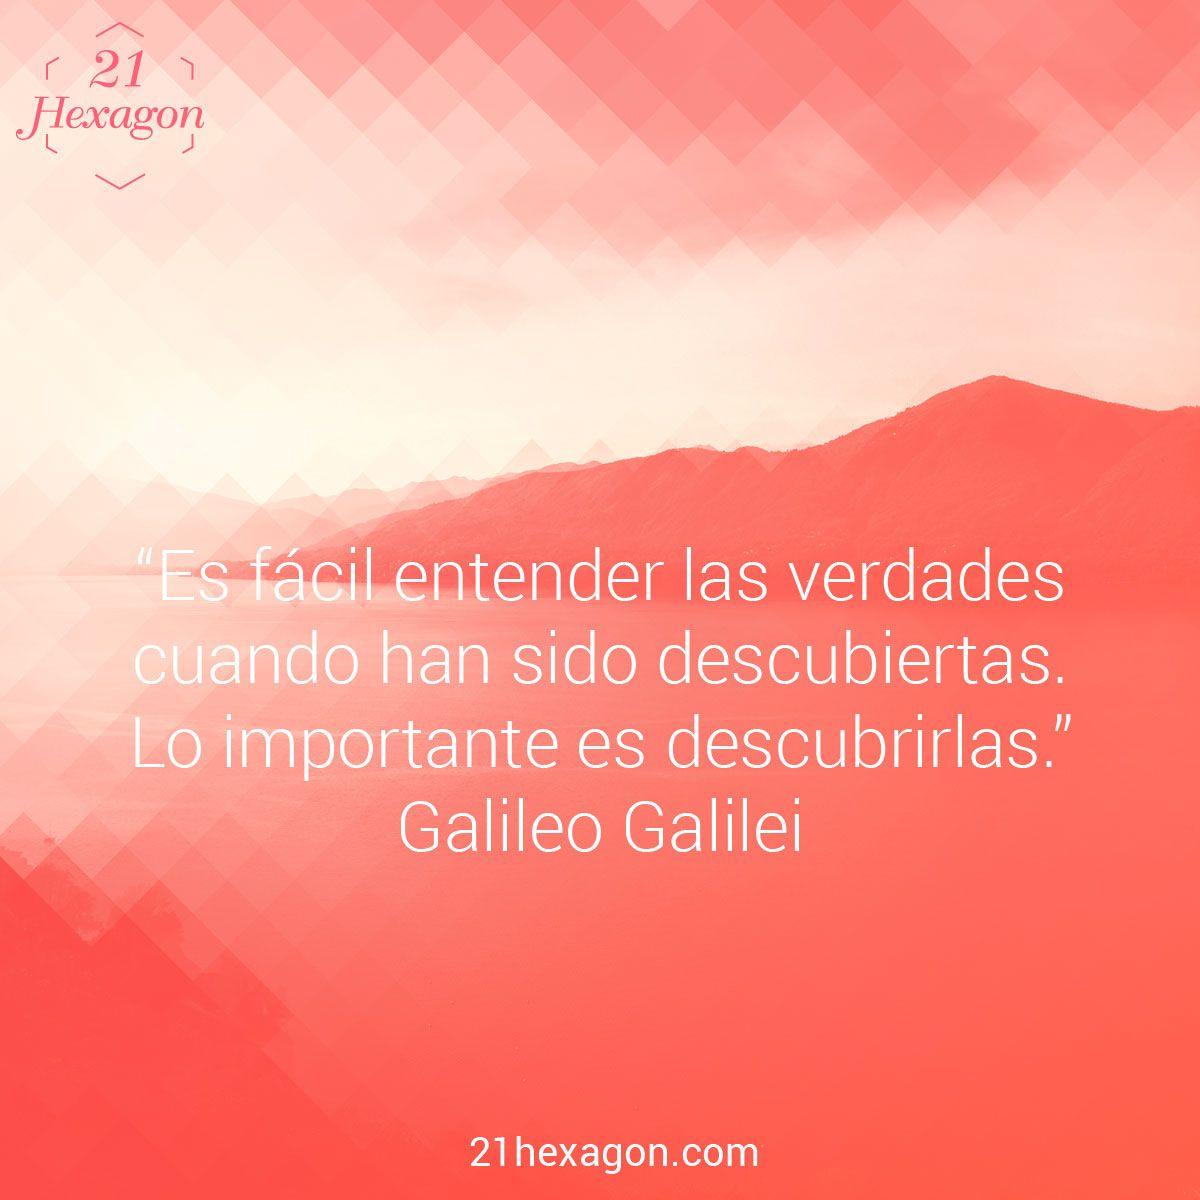 quotes_21hexagon_34.jpg